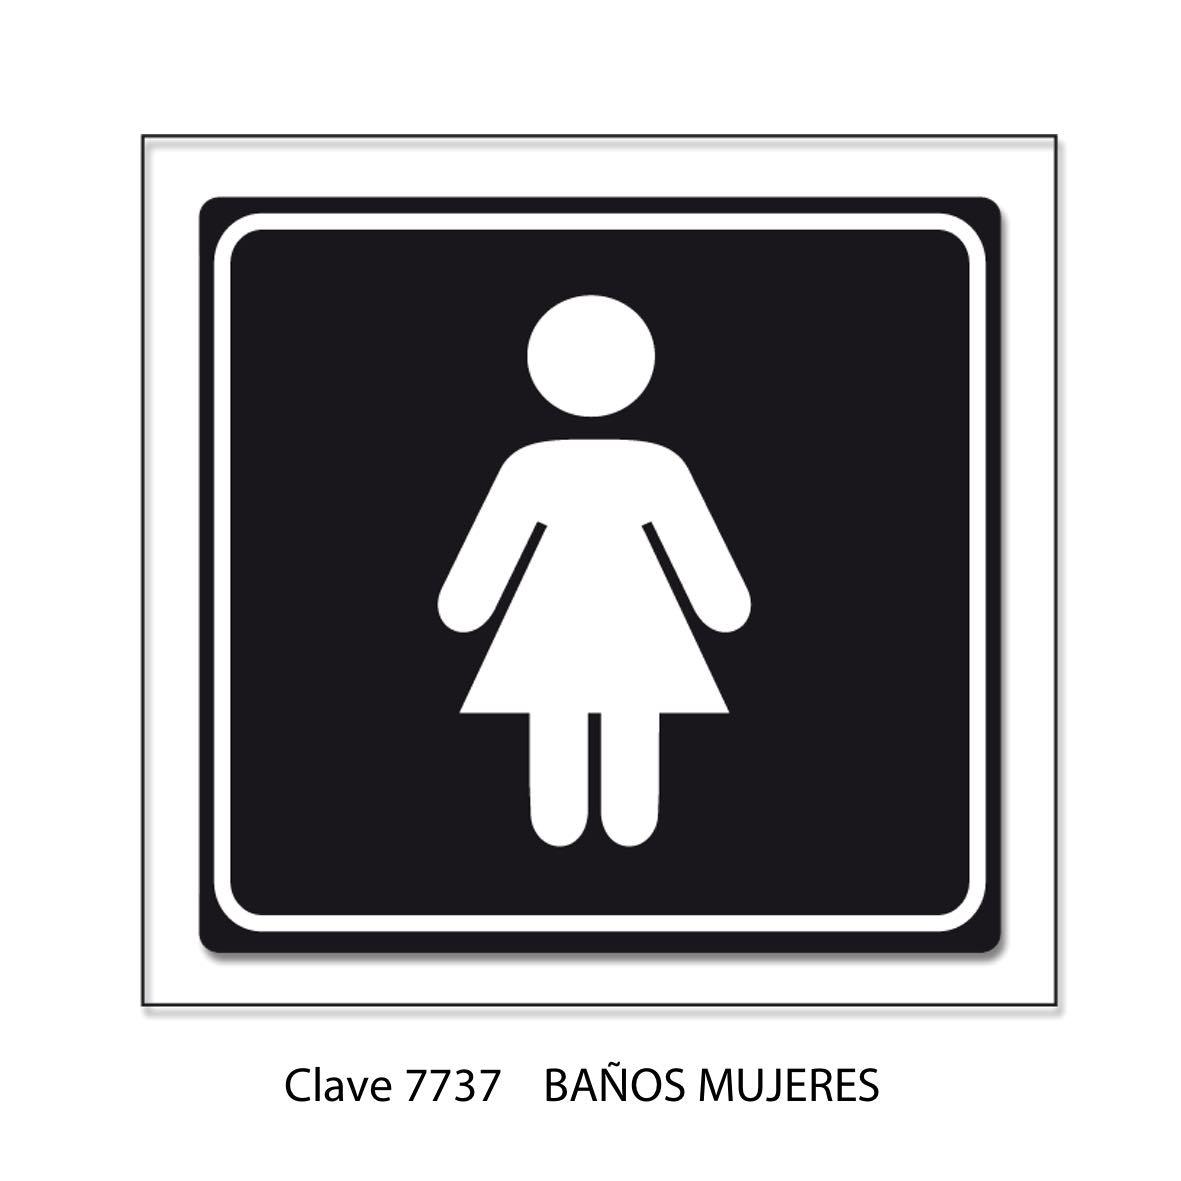 Señal Baños Mujeres 7737 - Sablón